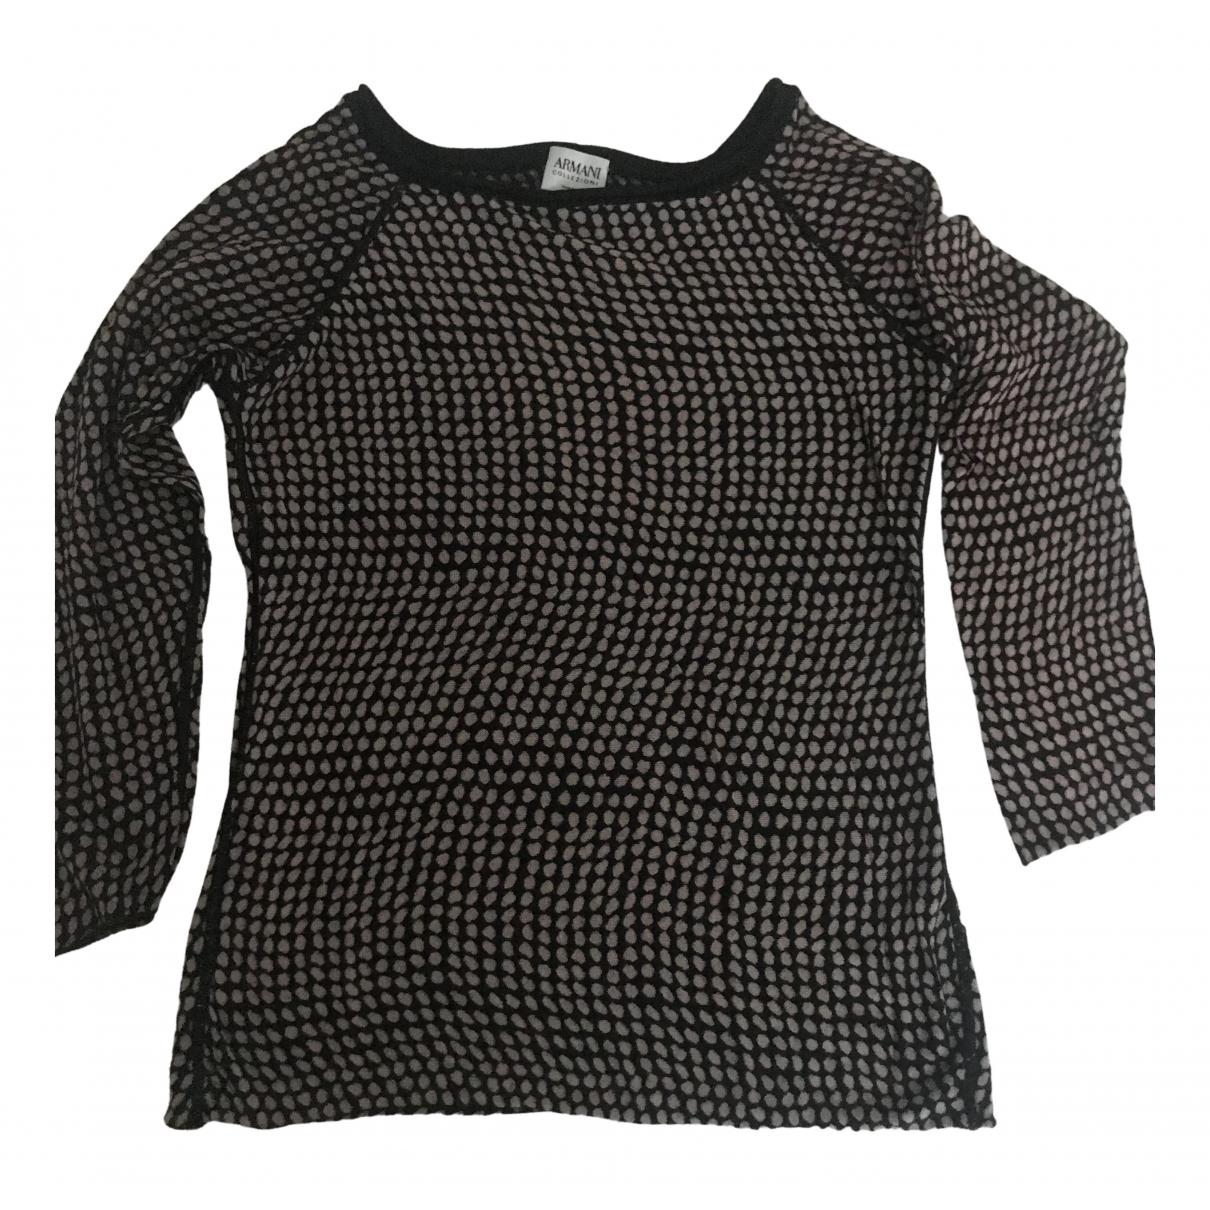 Armani Collezioni N Black Cotton  top for Women 36 IT